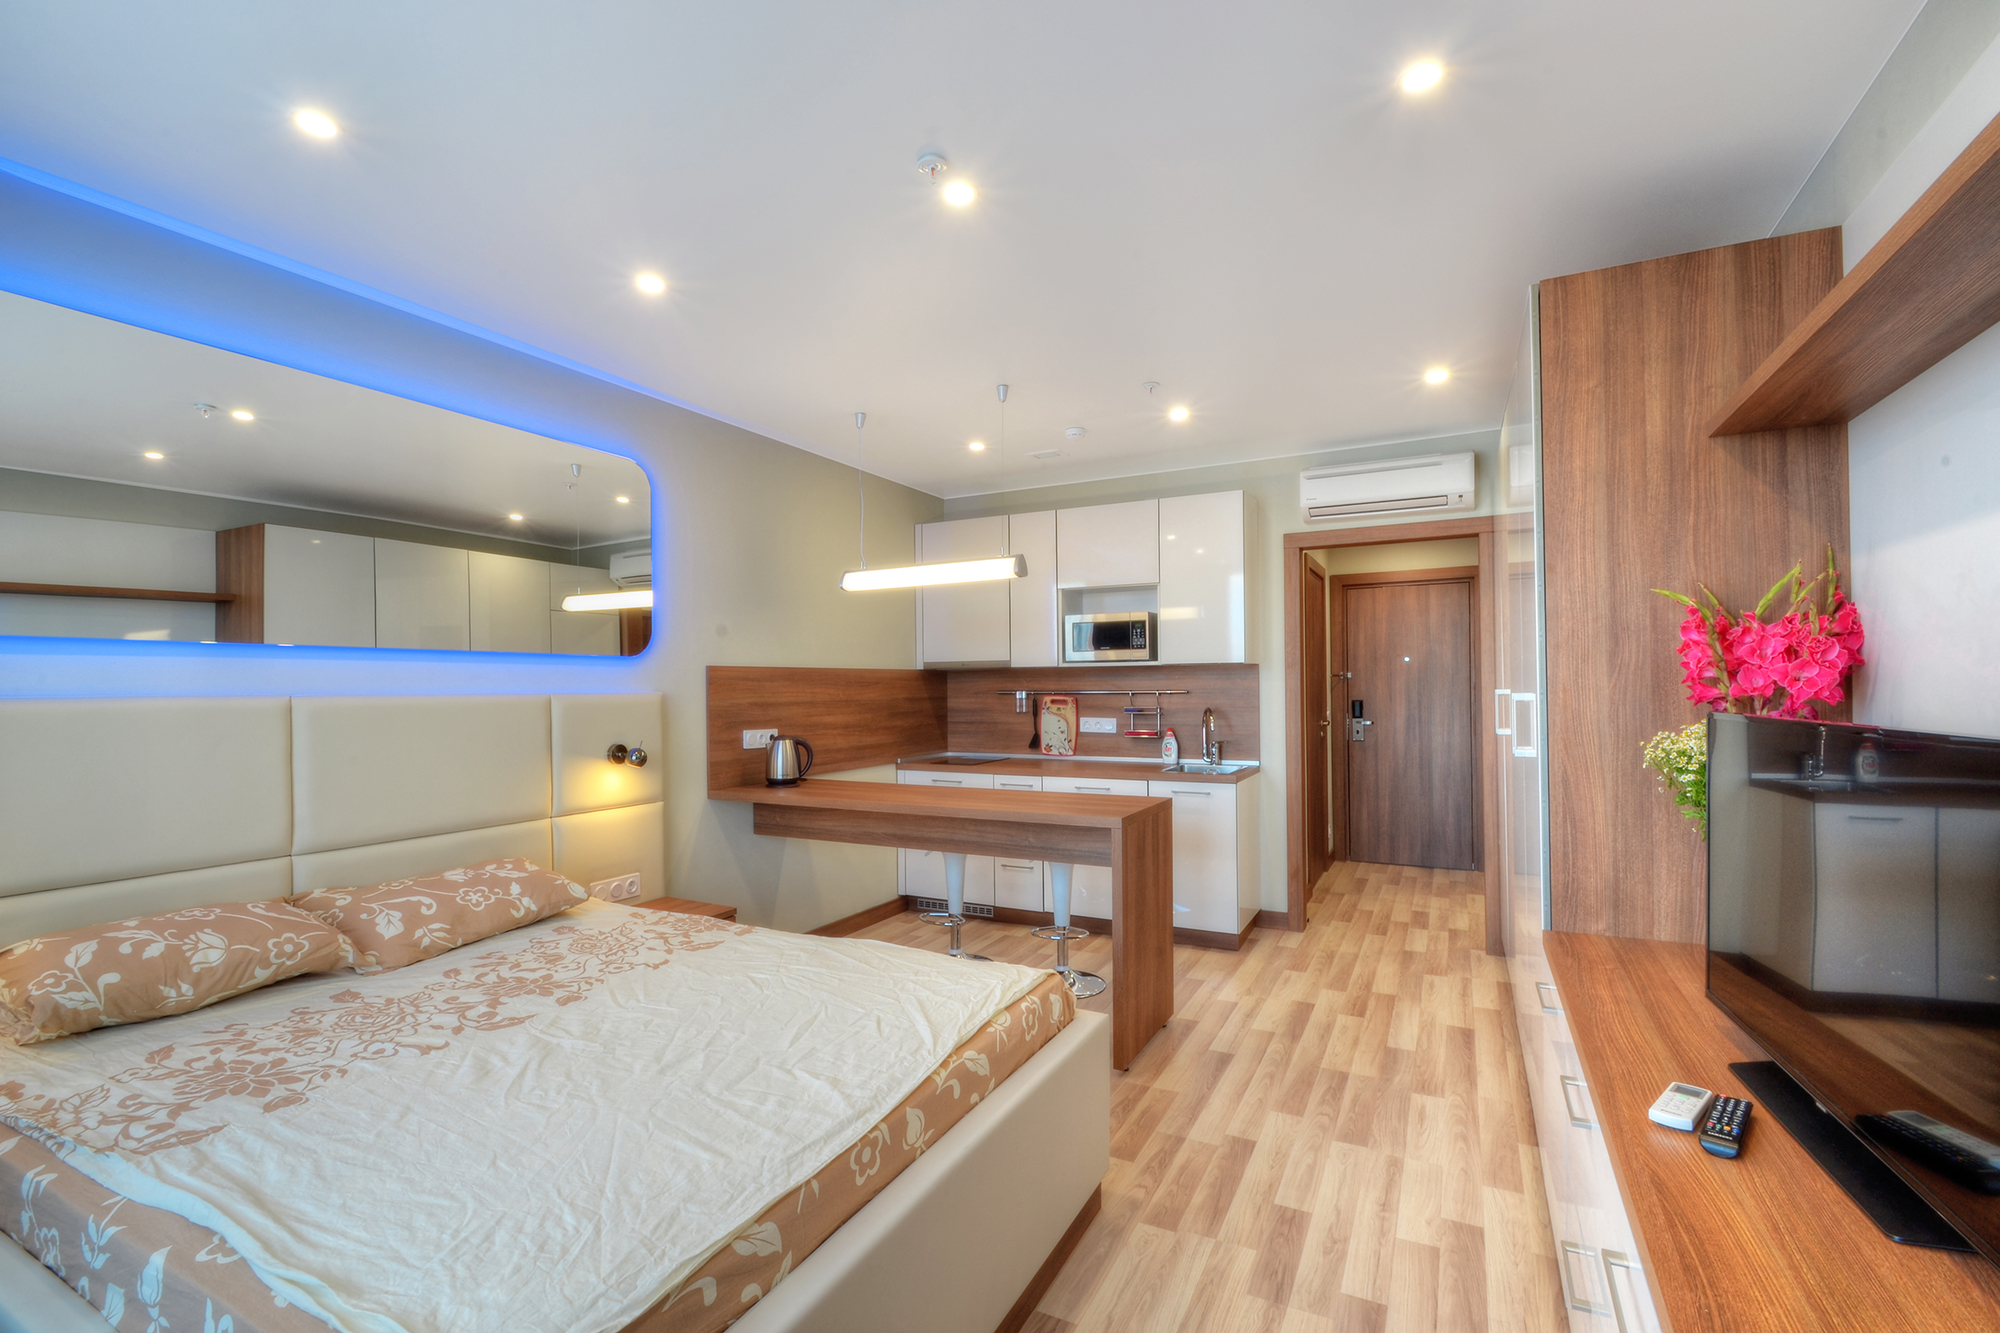 dizajnerskie-apartamenty-yes-mitino-05